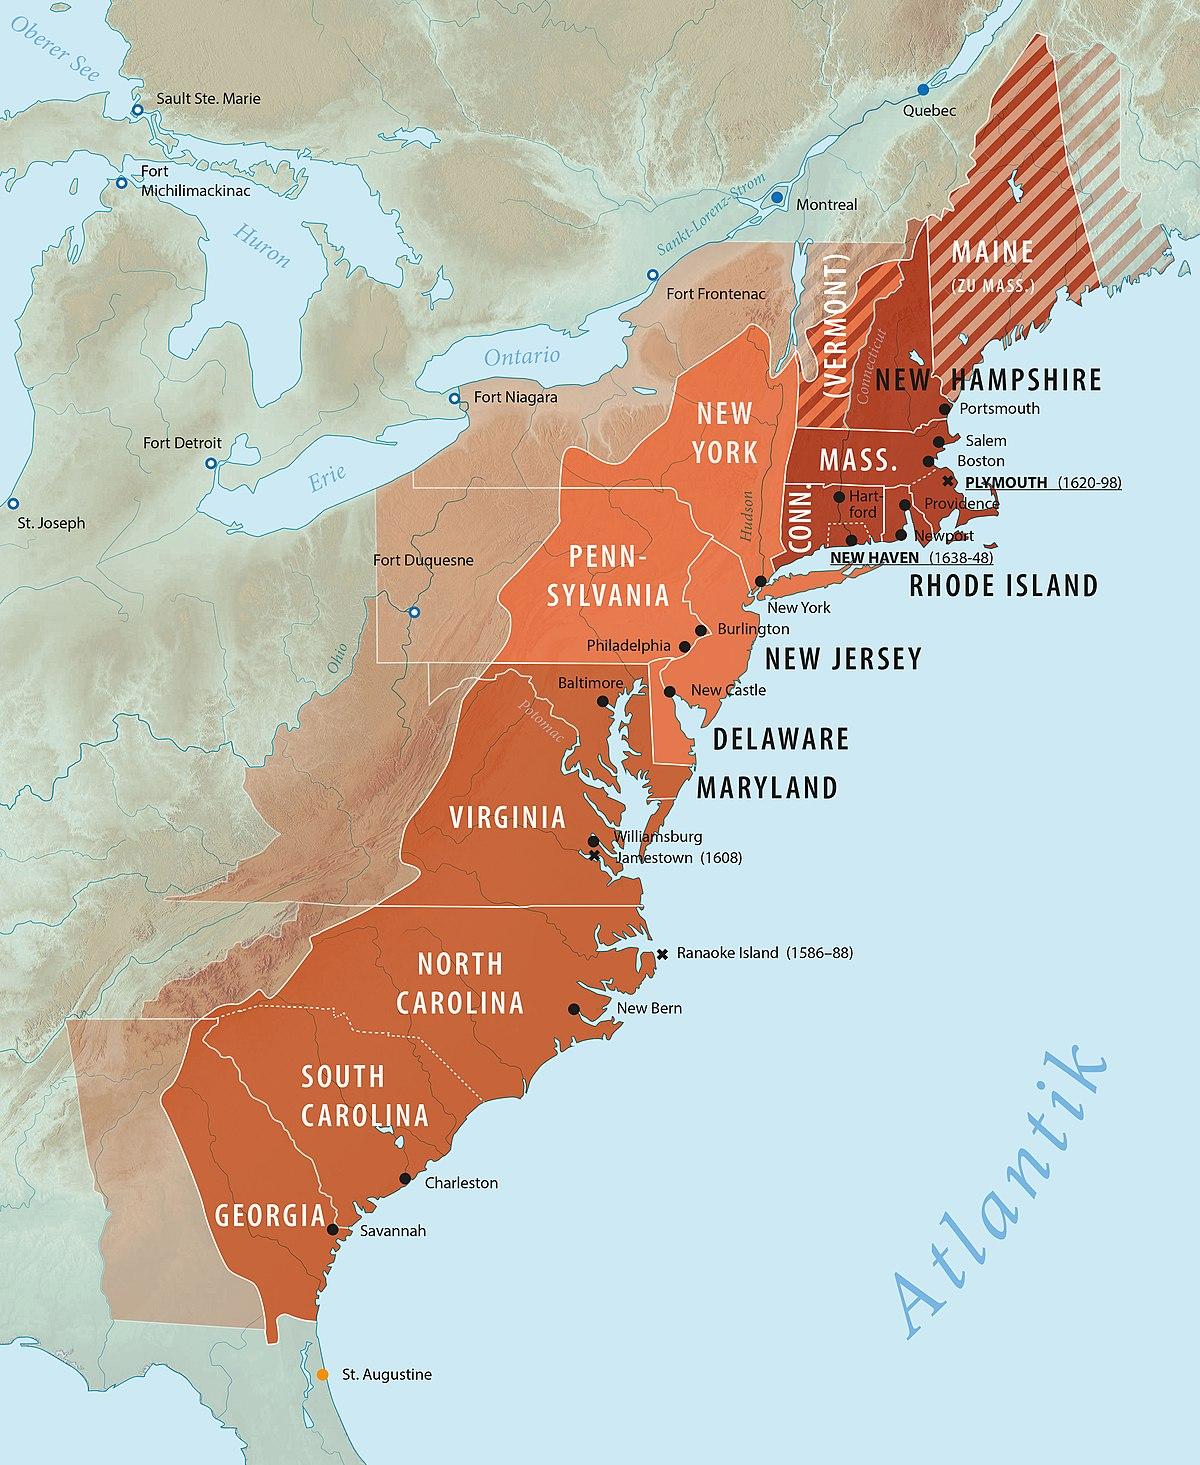 Dreizehn Kolonien – Wikipedia